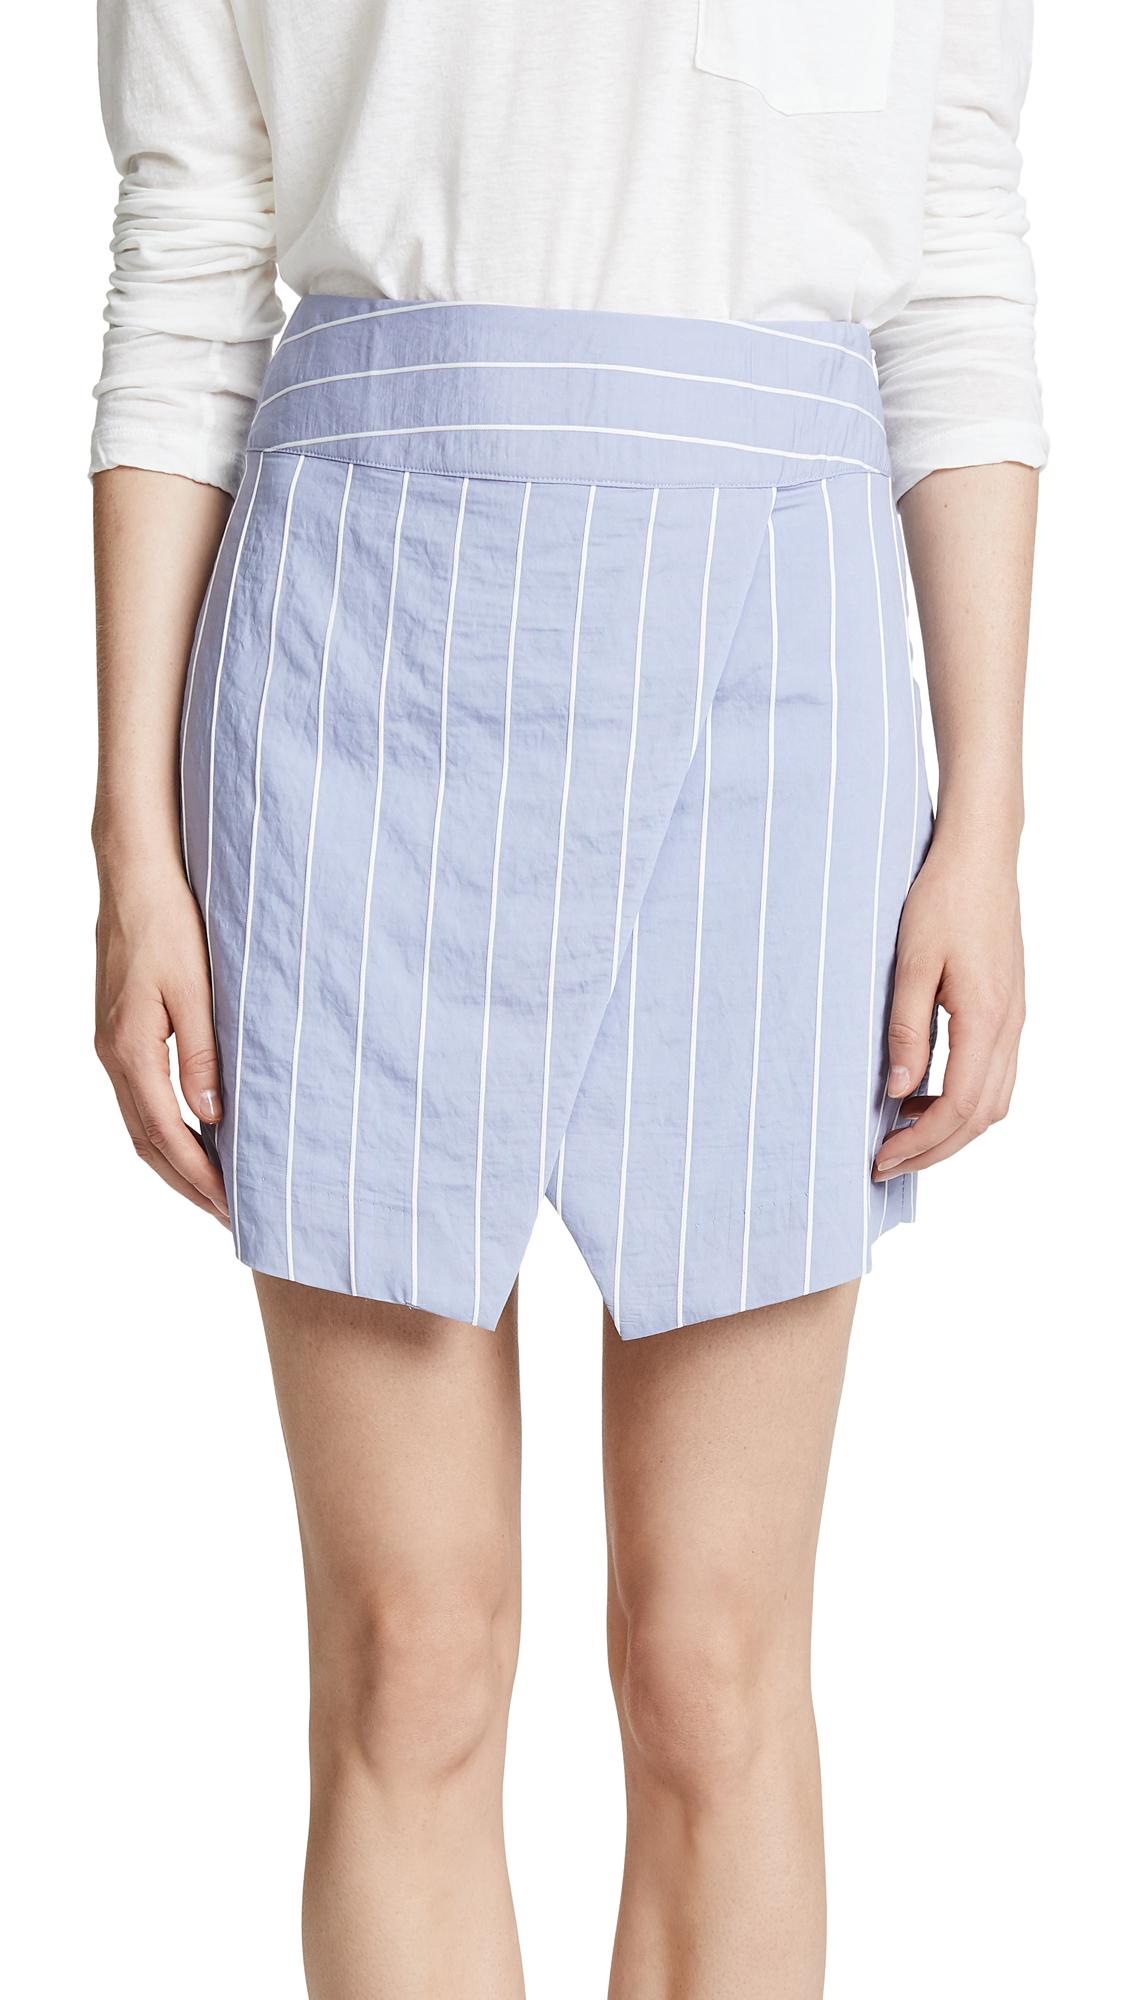 EVIDNT Asymmetrical Miniskirt In Sky Stripe